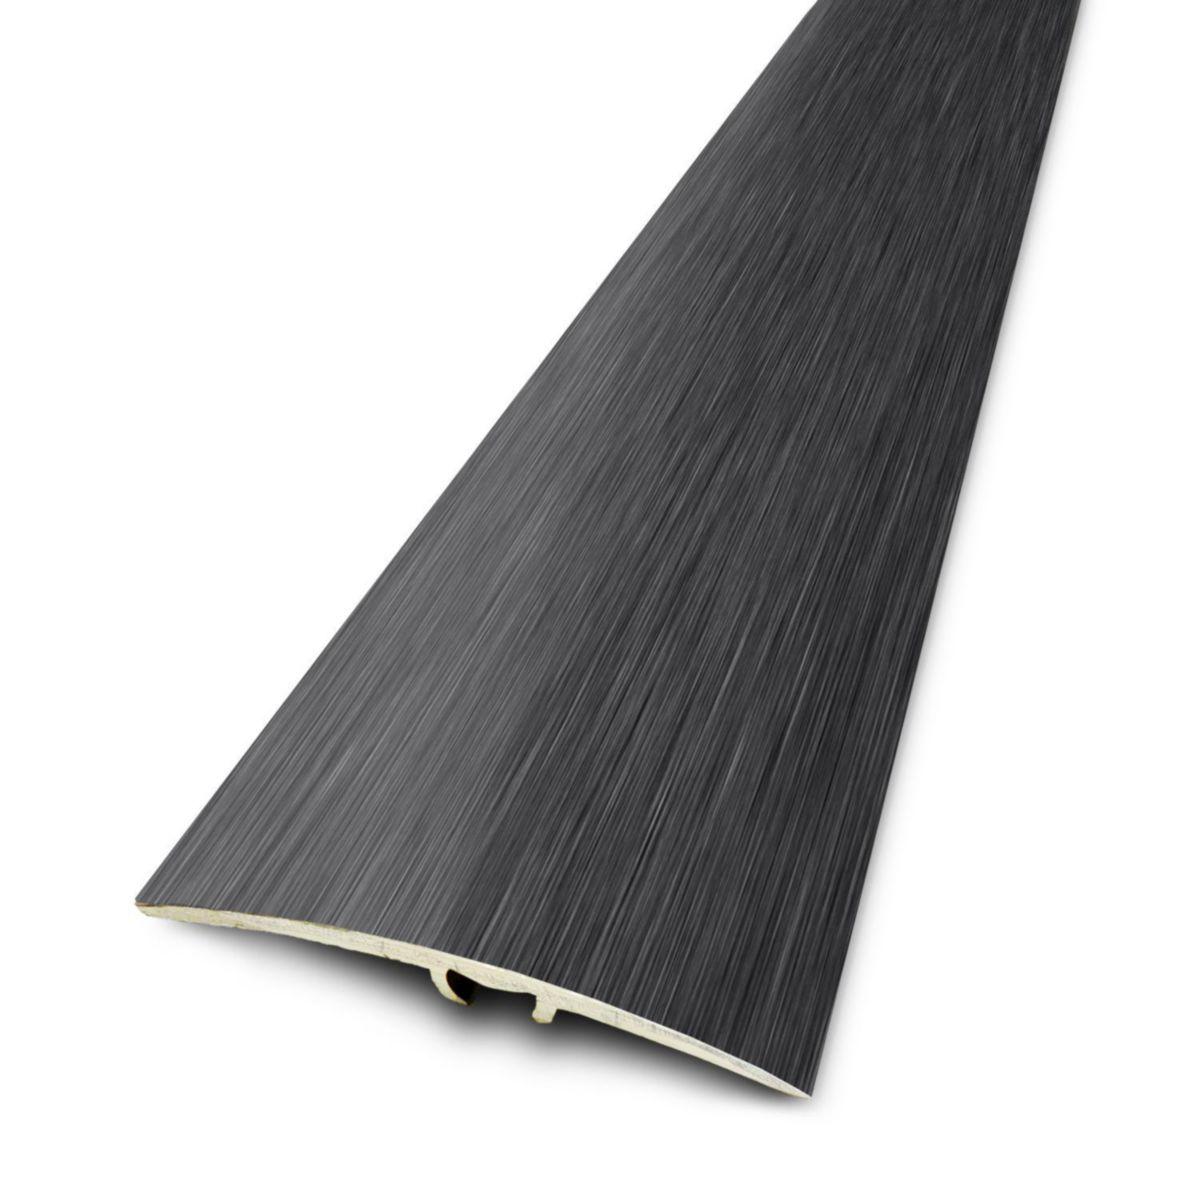 Barre De Seuil De Porte Multi-niveaux Harmony - Aluminium Plaxé Teinte  Chêne Cérusé Sable - 41x930 Mm - DINAC GPI - Décoration Intérieure -  Distributeur De ...